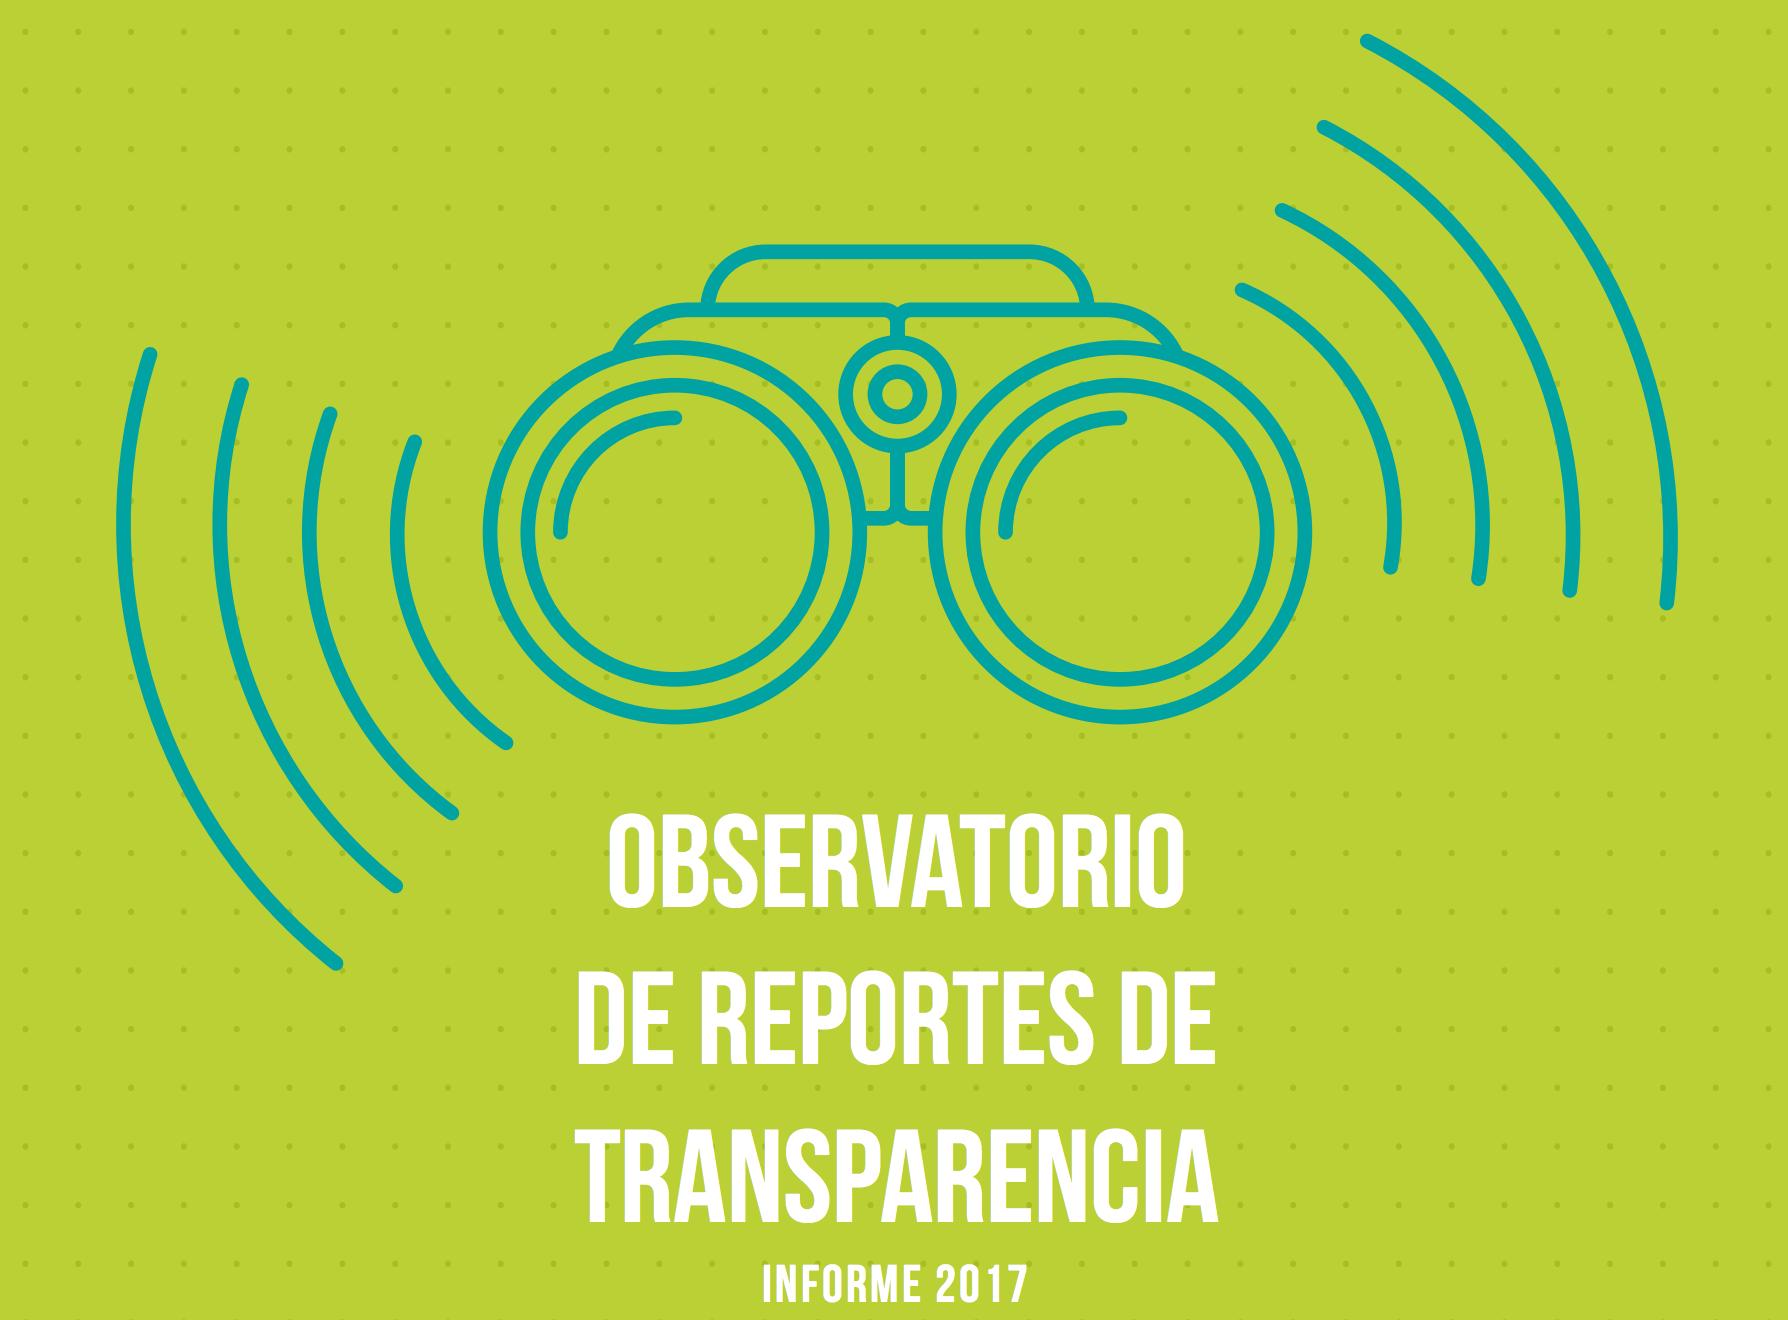 R3D presenta el Observatorio de Reportes de Transparencia 2017